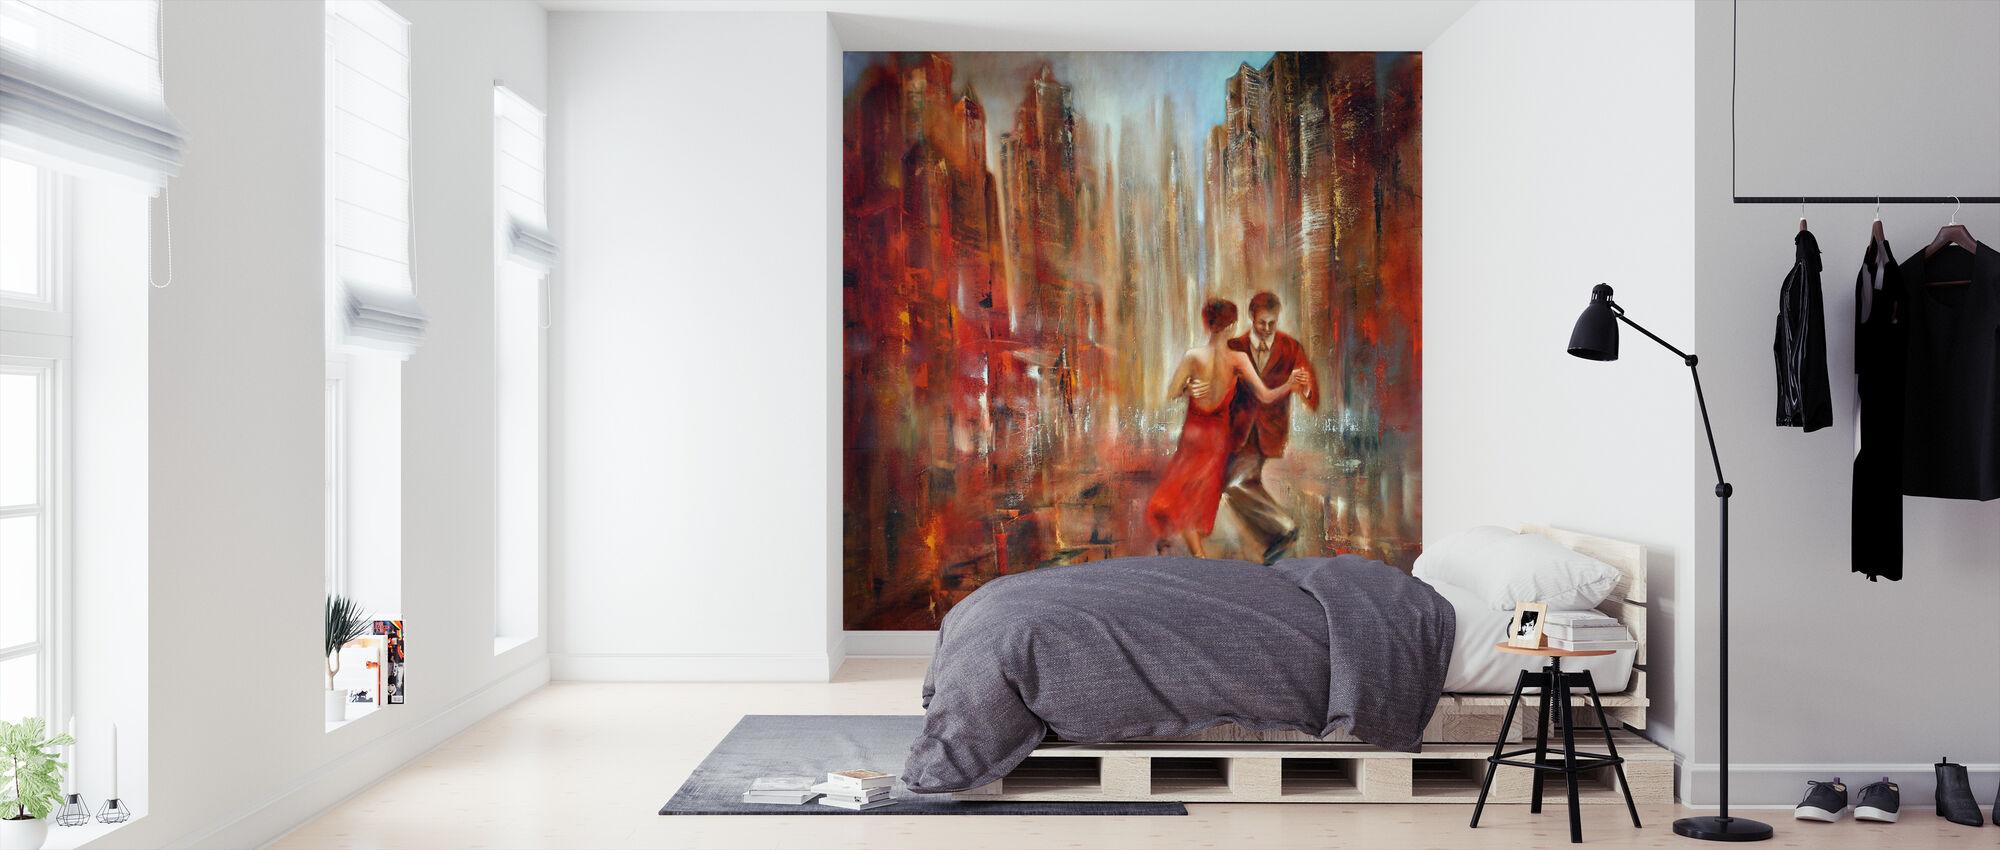 Tango - Wallpaper - Bedroom